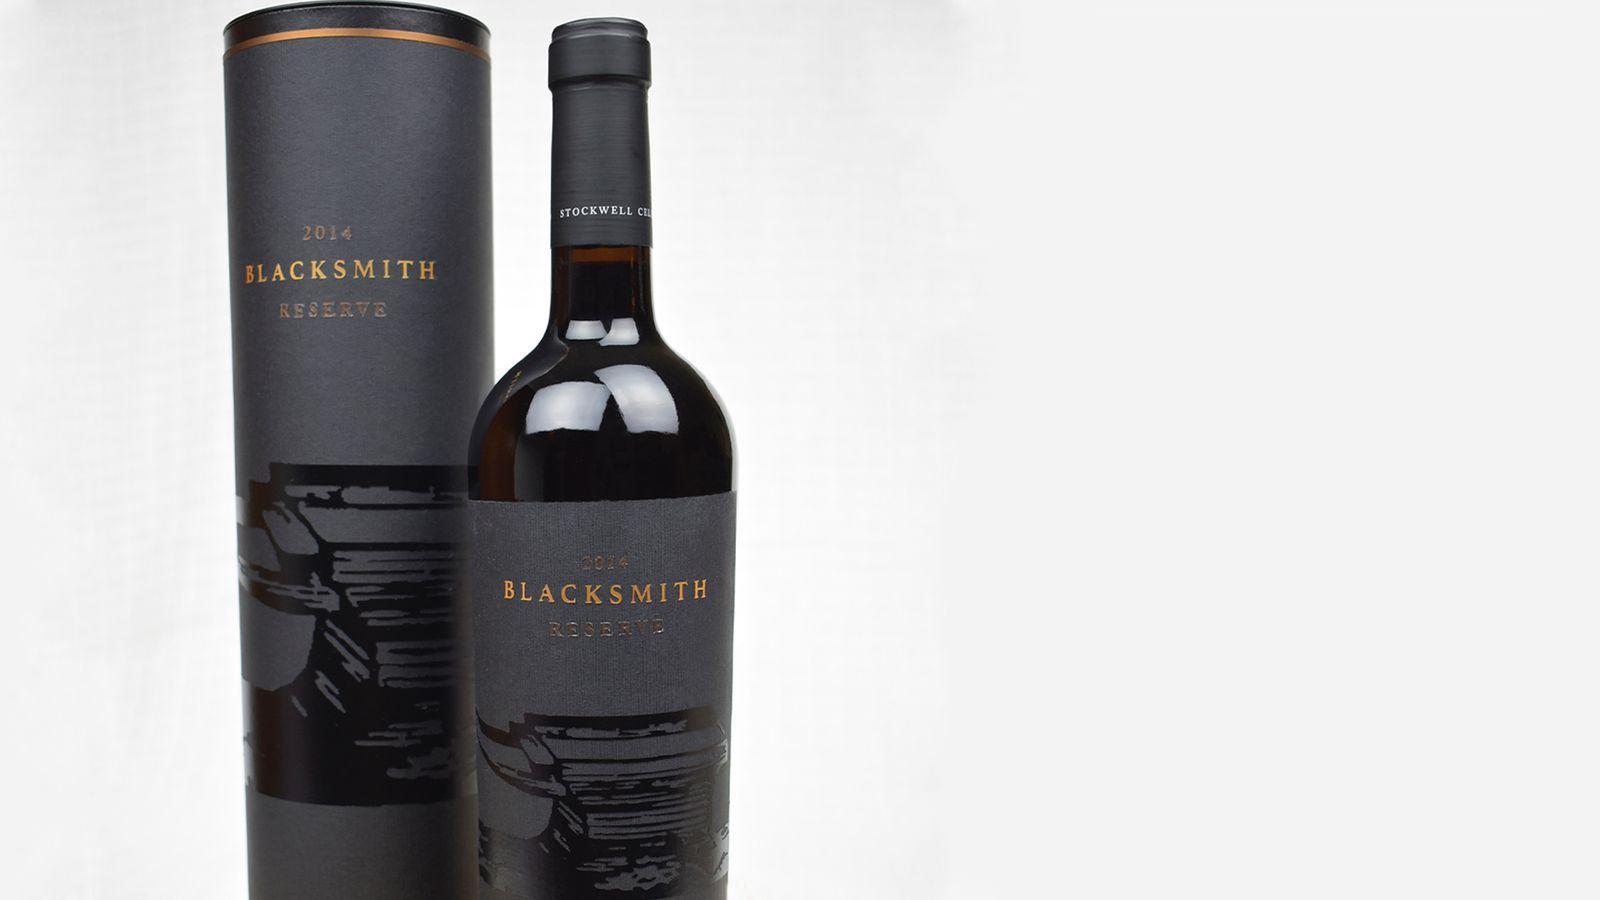 Blacksmith Reserve // wine bottle packaging for Stockwell Cellars